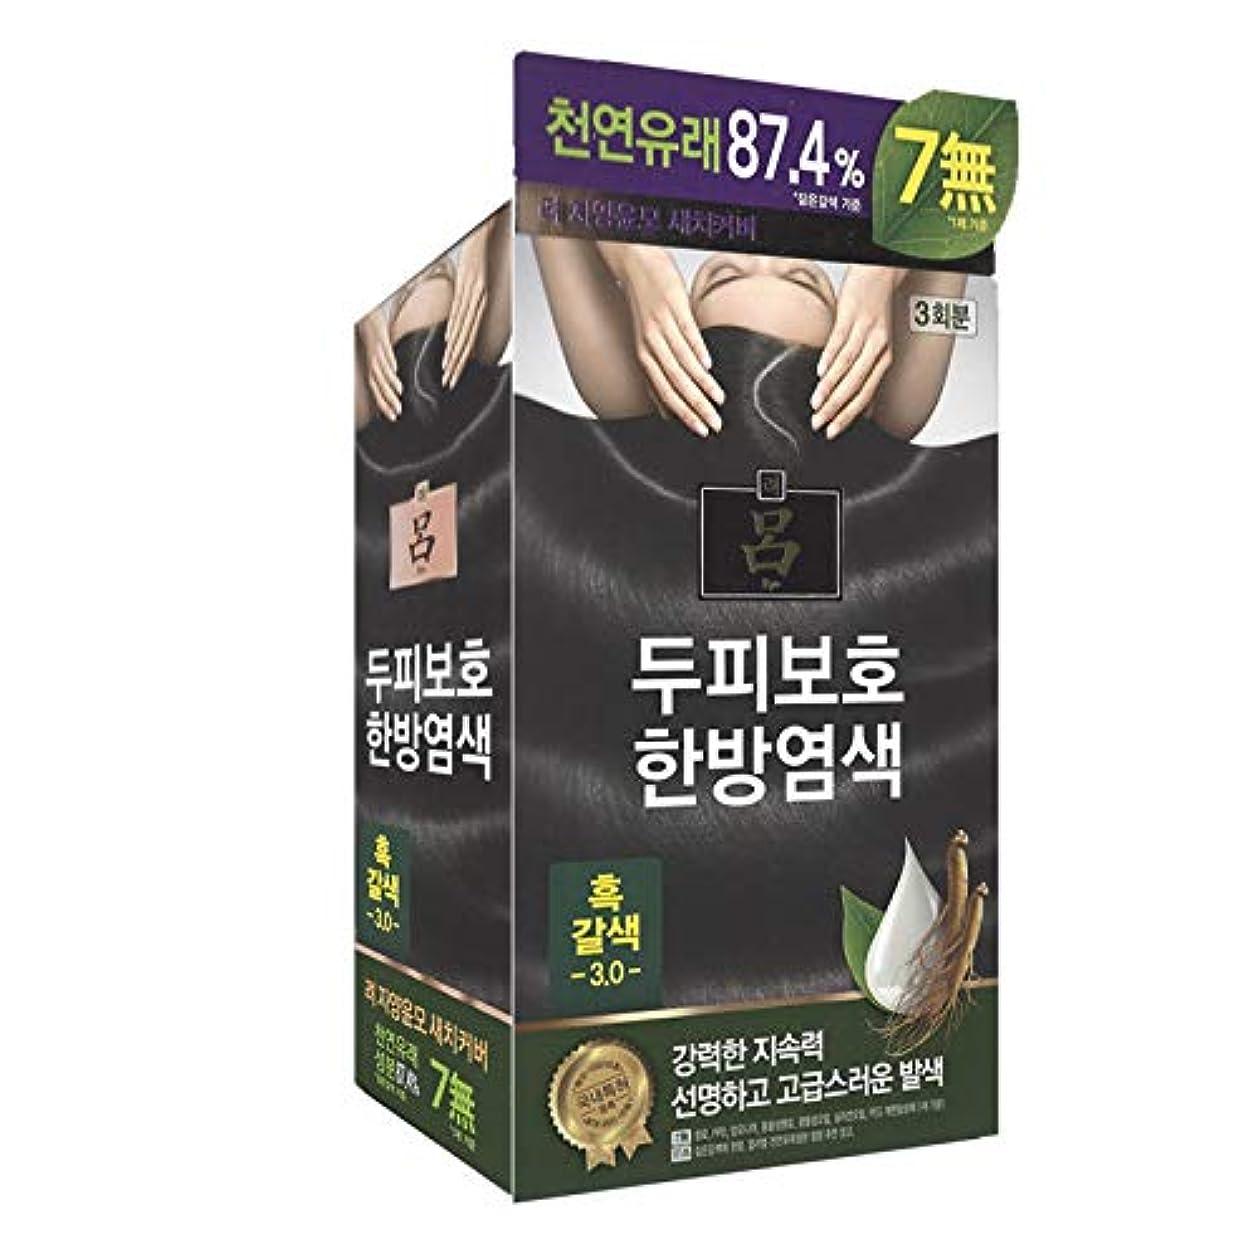 アモーレパシフィック呂[AMOREPACIFIC/Ryo] Jayang Yunmoグレーヘアカバー 3.0 黒褐色(Blackish Brown)